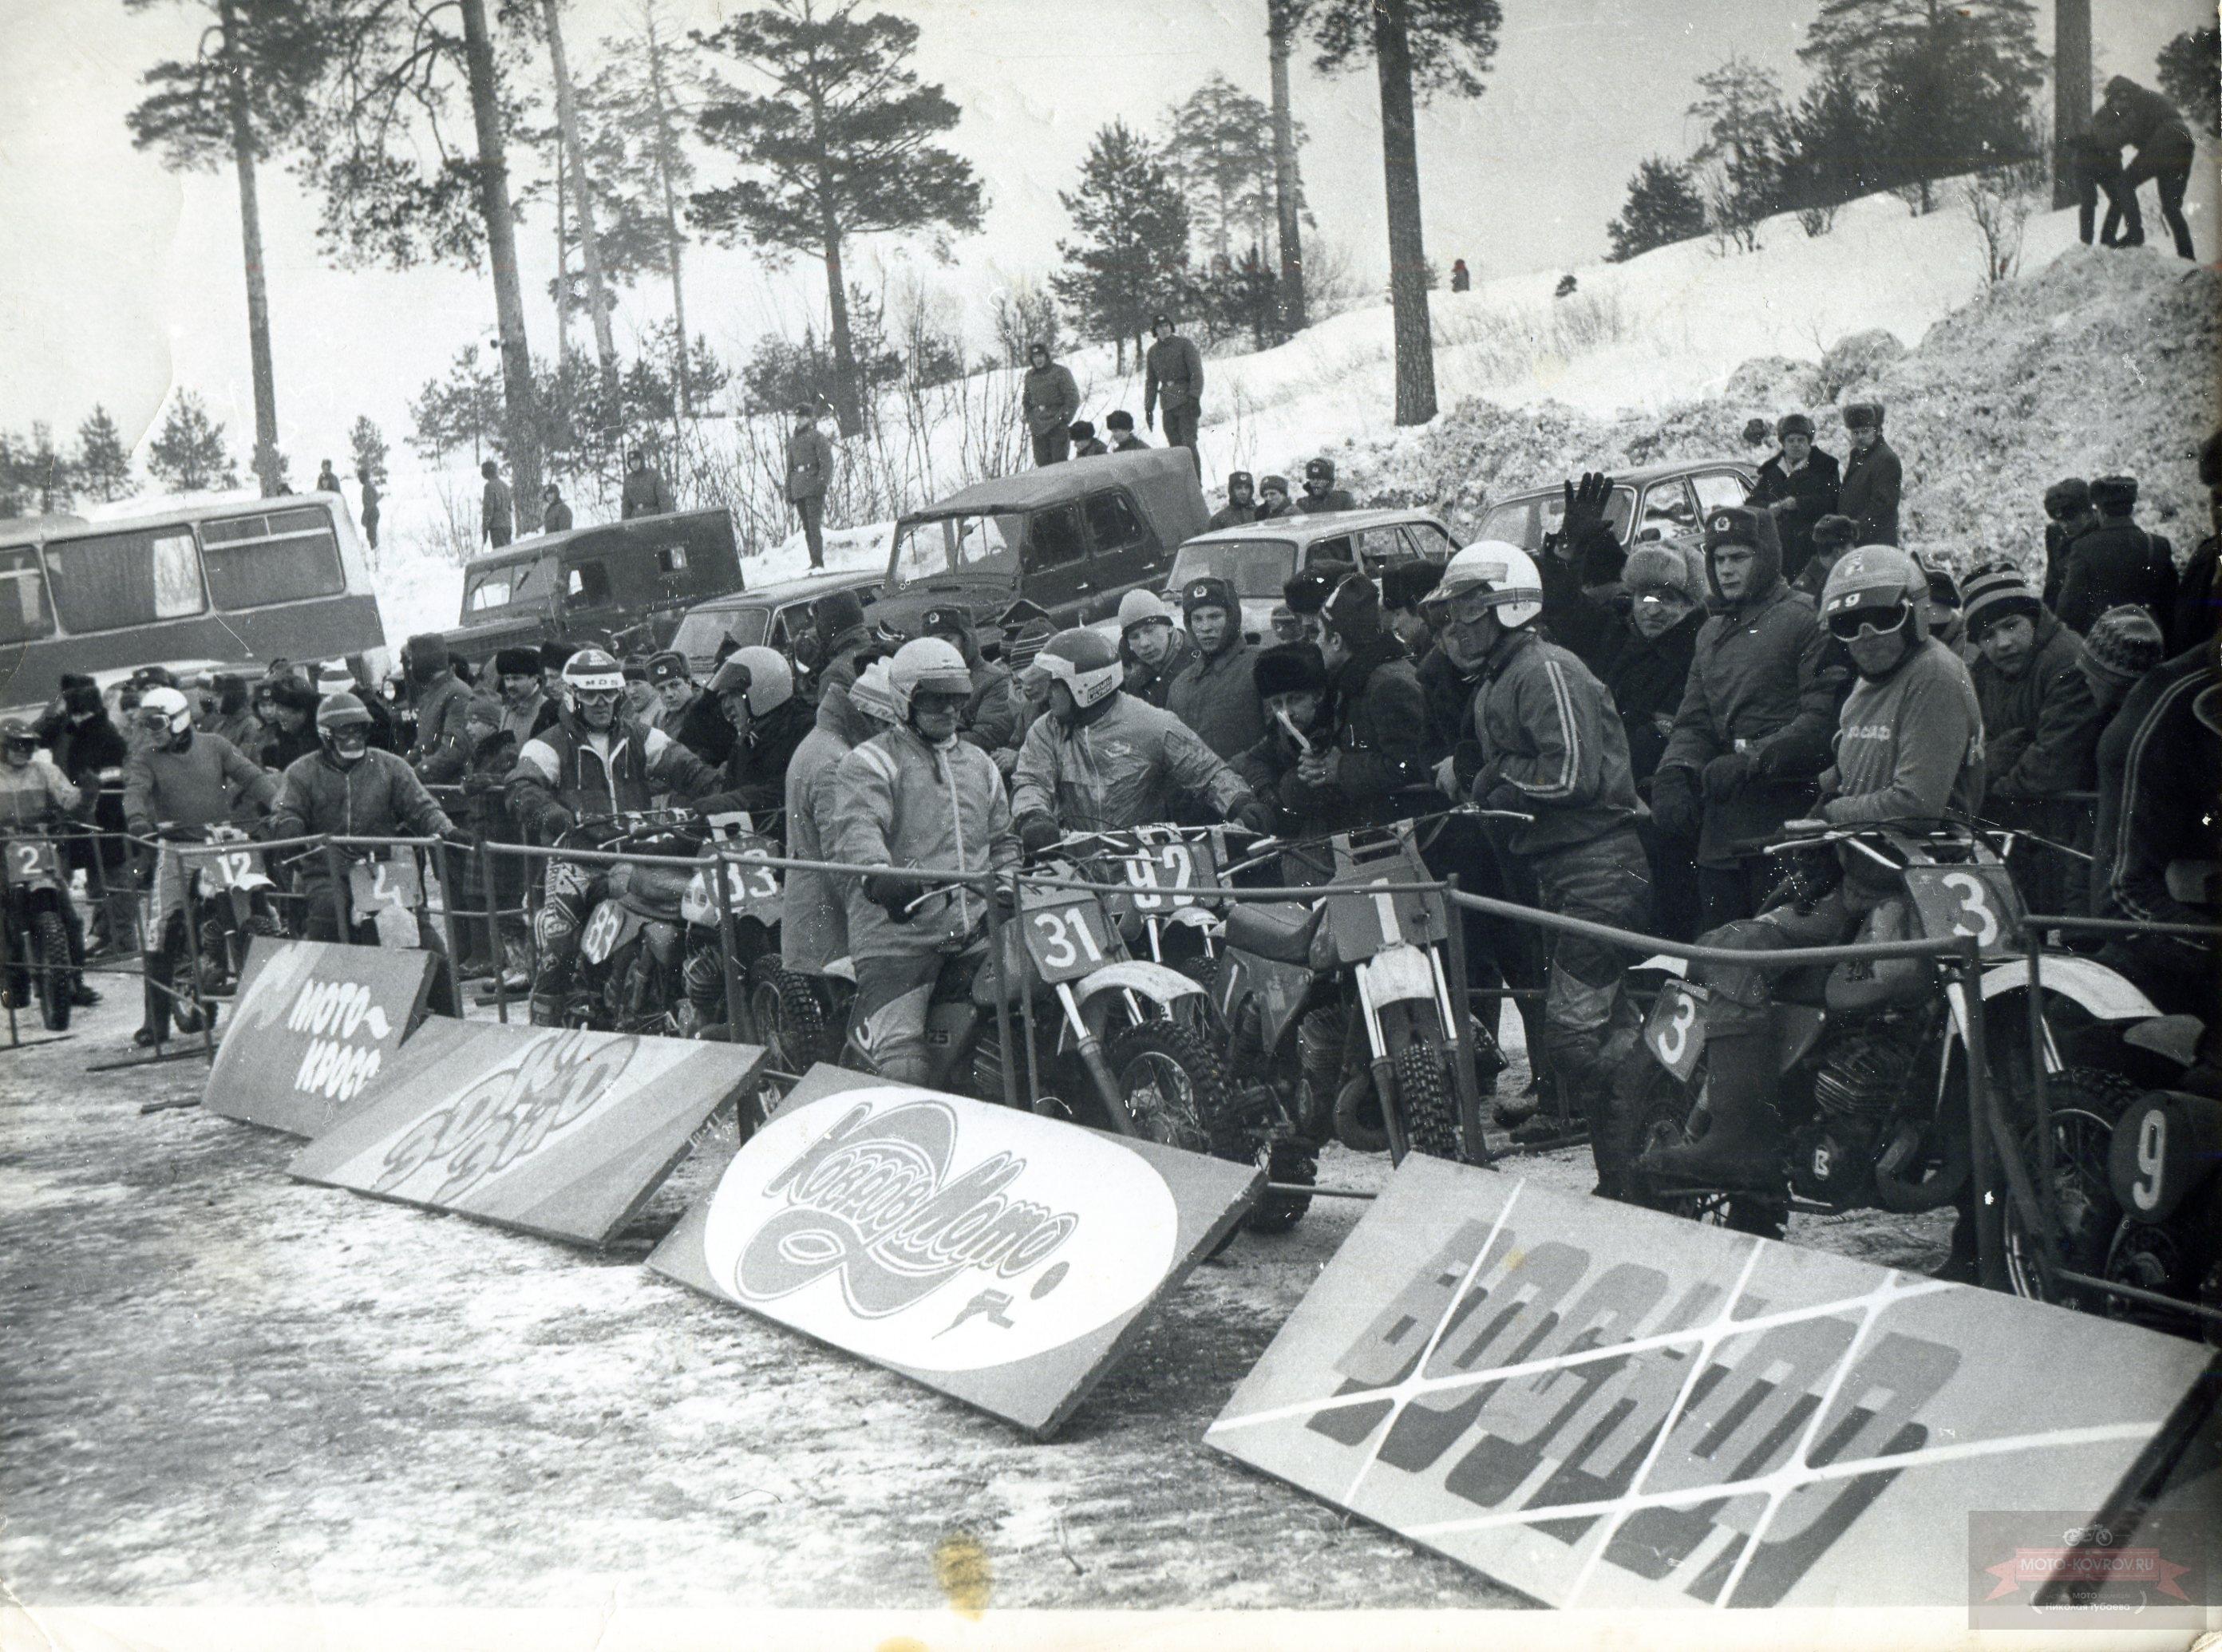 Мотокросс 1991 Варабин Ю.Н. номер 31. 35-й Ковров